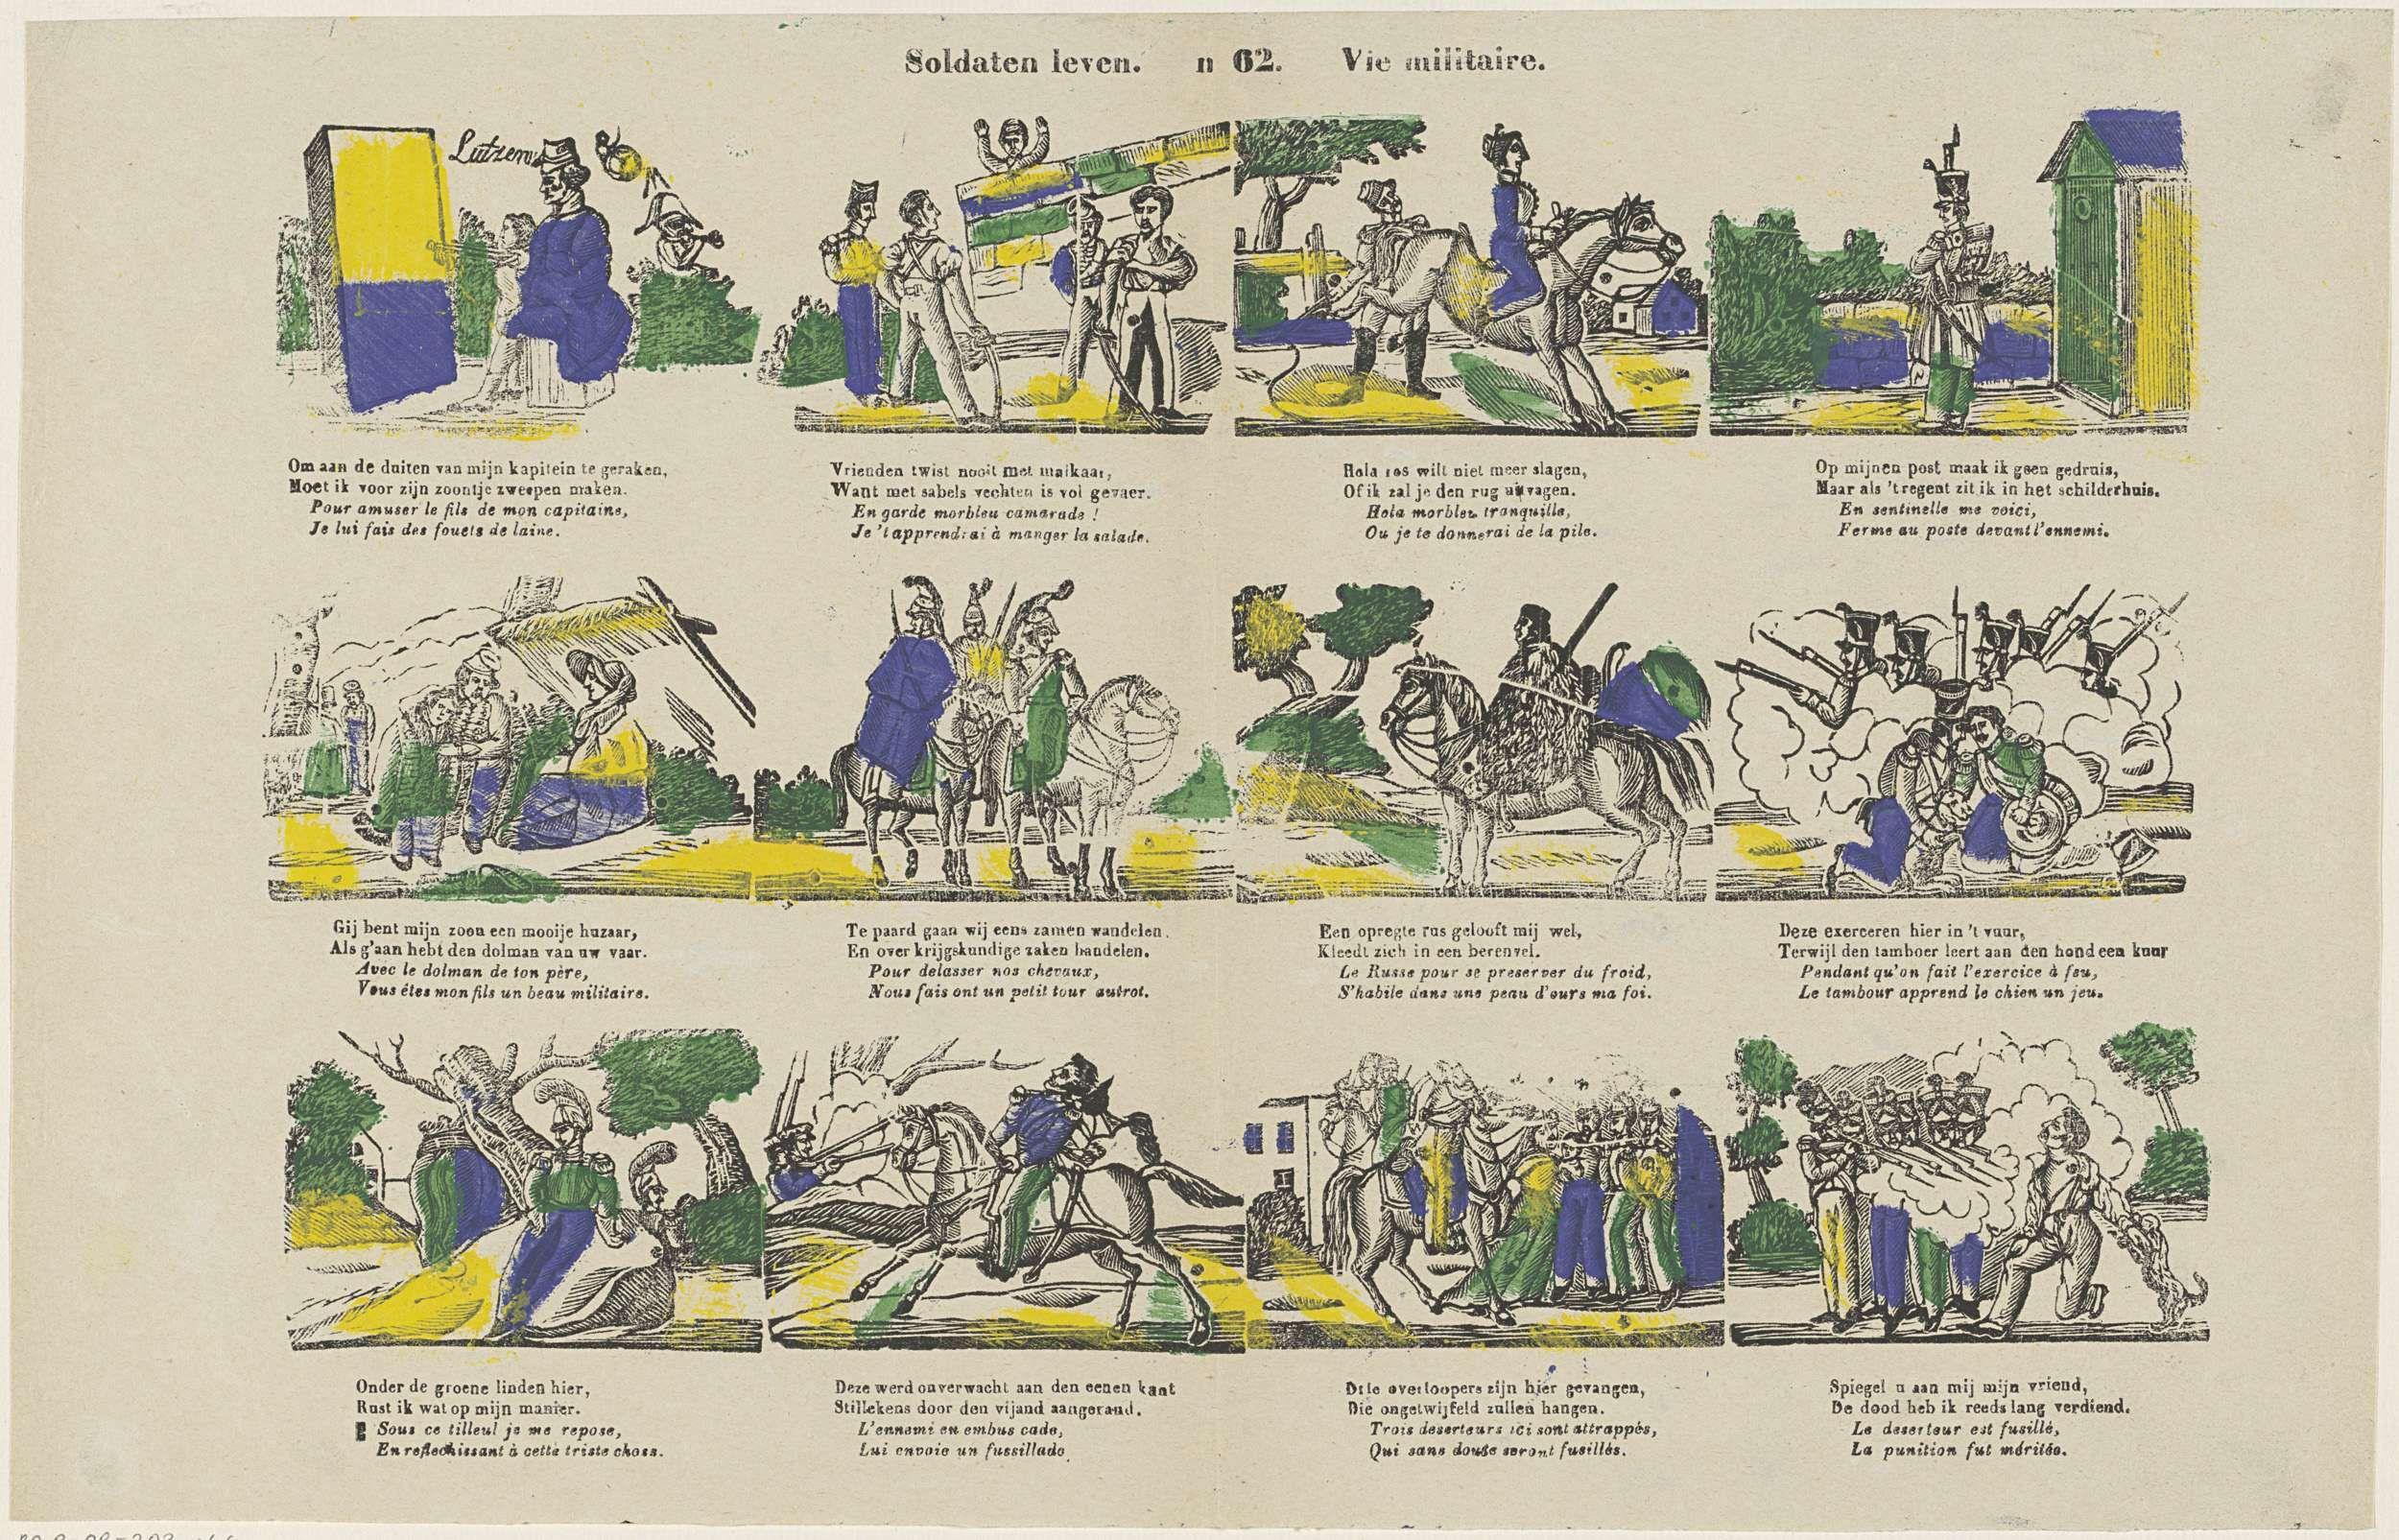 Lutzen | Soldaten leven / Vie militaire, Lutzen, Glenisson & Zonen, 1856 - 1900 | Blad met 12 voorstellingen over het leven van een militair. Onder elke afbeelding een tweeregelig vers in het Nederlands en in het Frans. Genummerd midden boven: n 62.